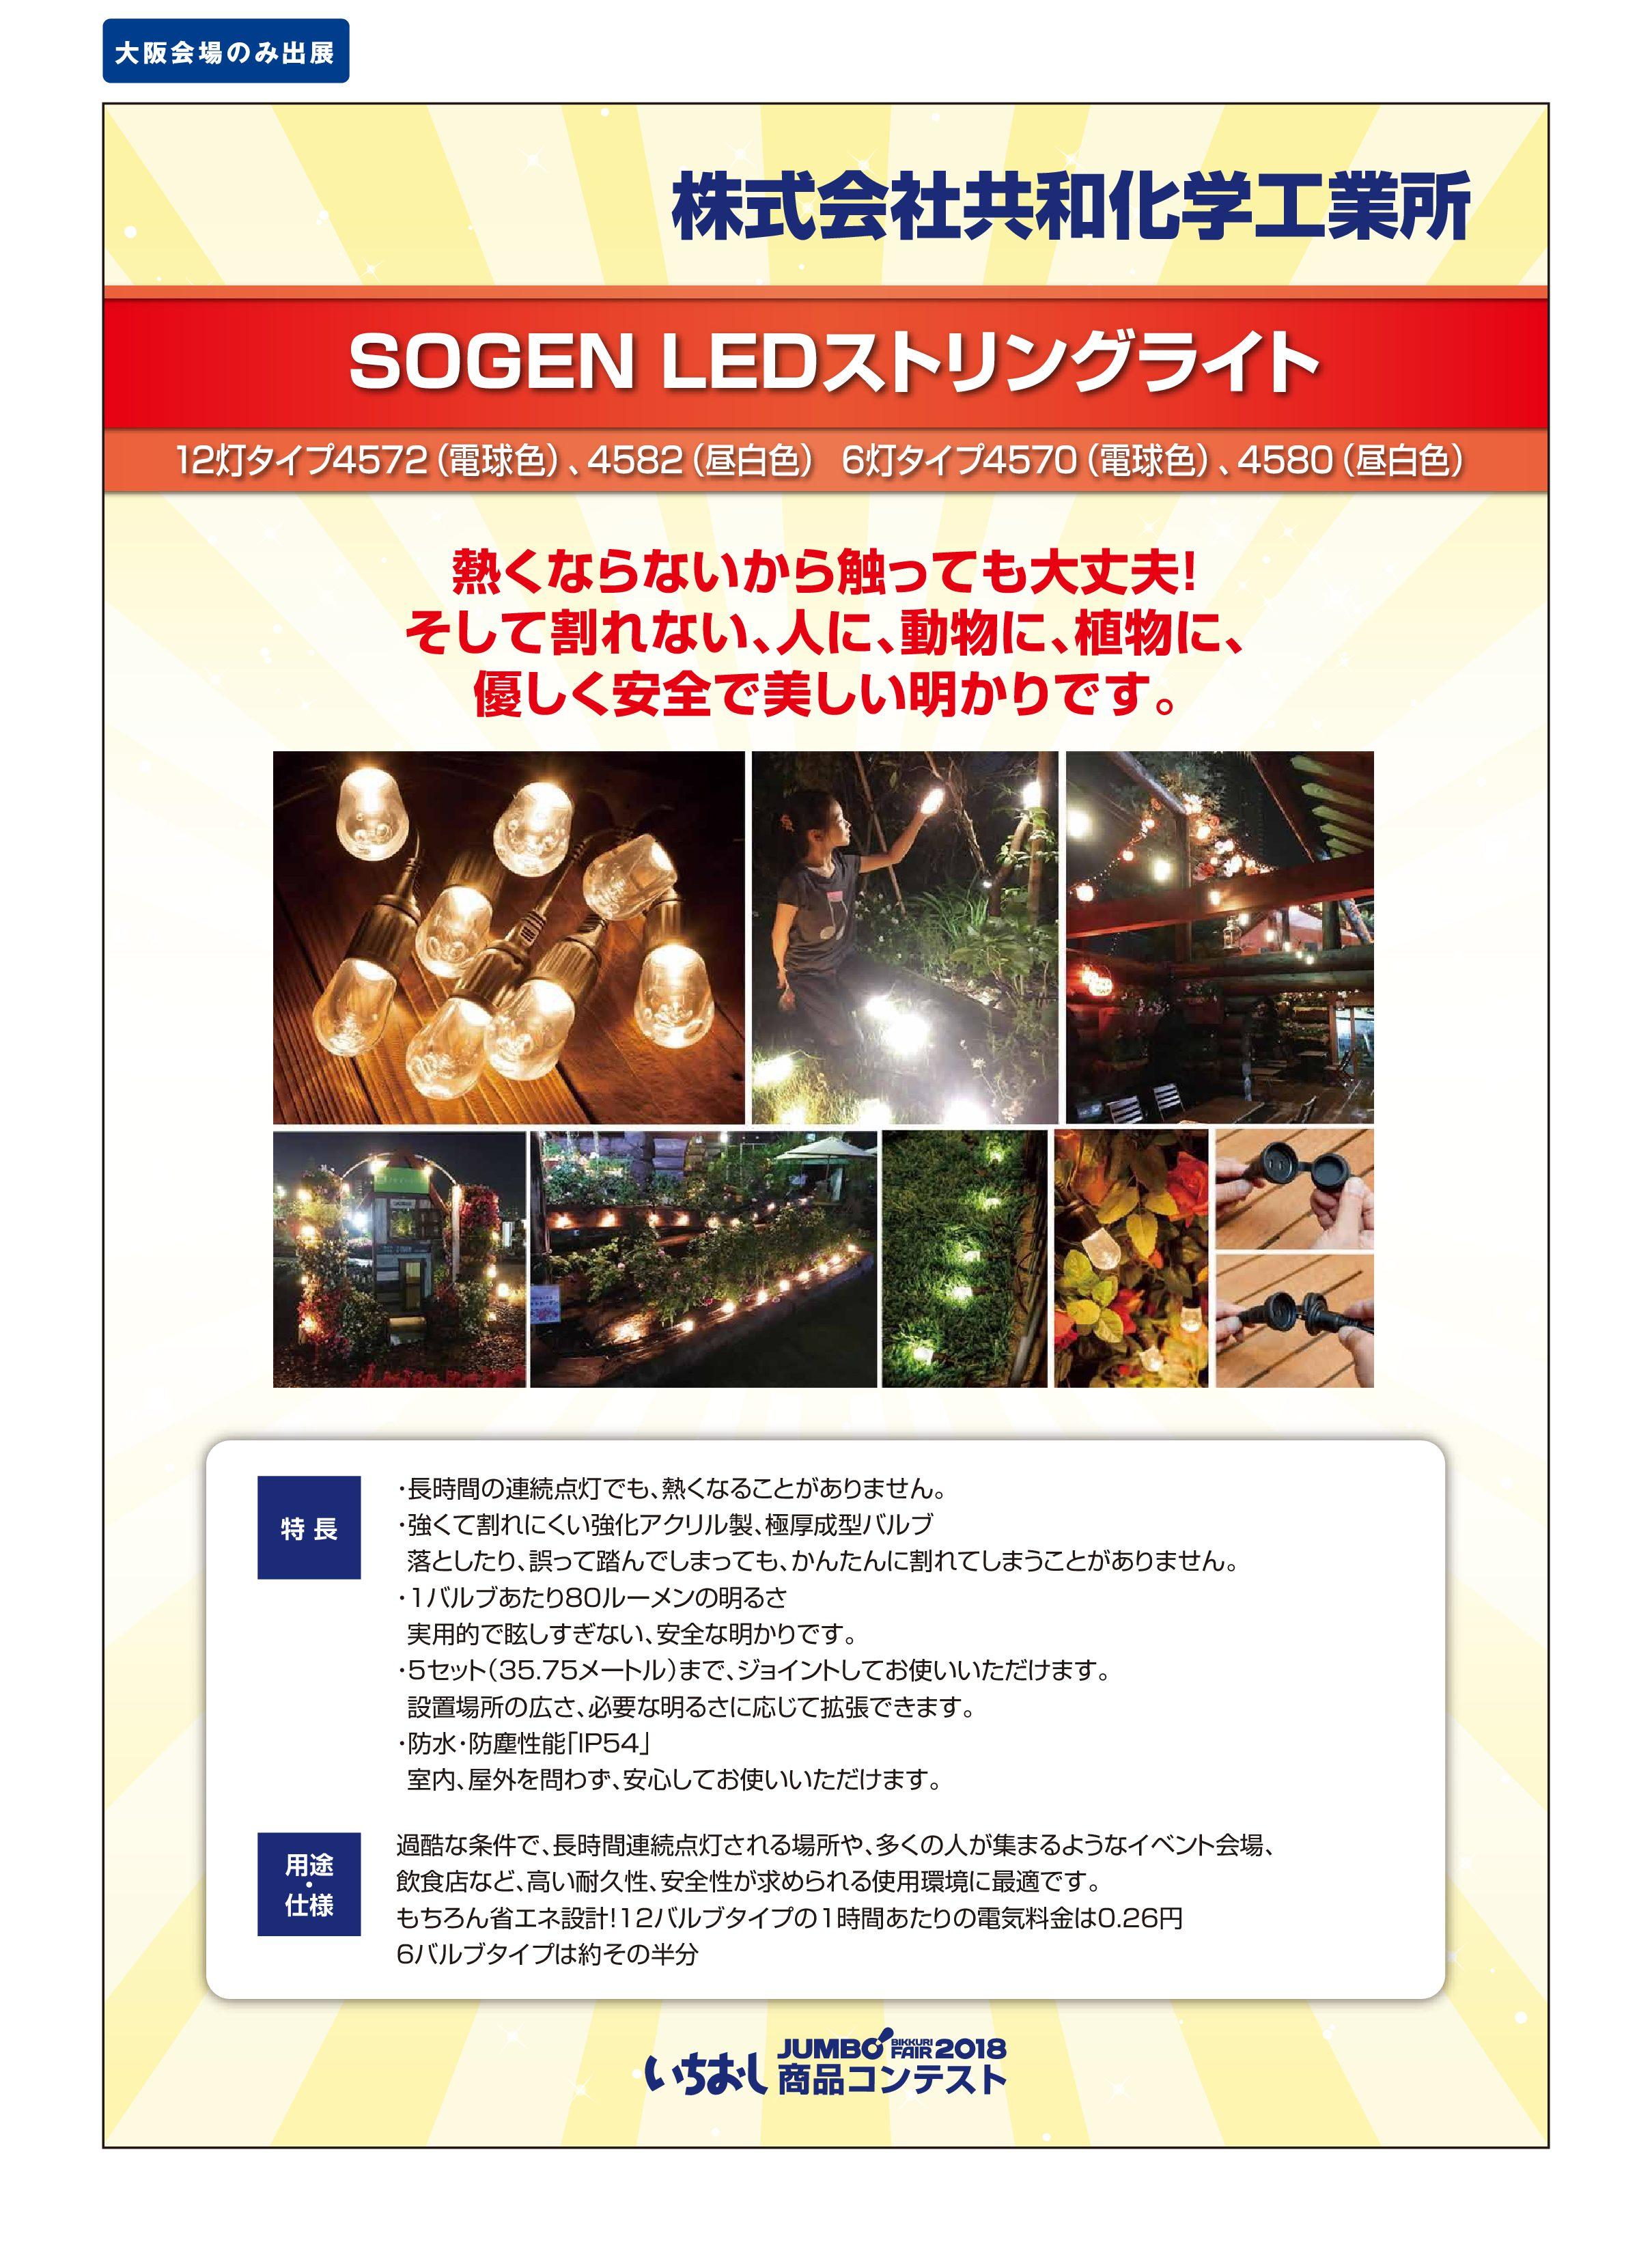 「SOGEN LEDストリングライト」株式会社共和化学工業所の画像